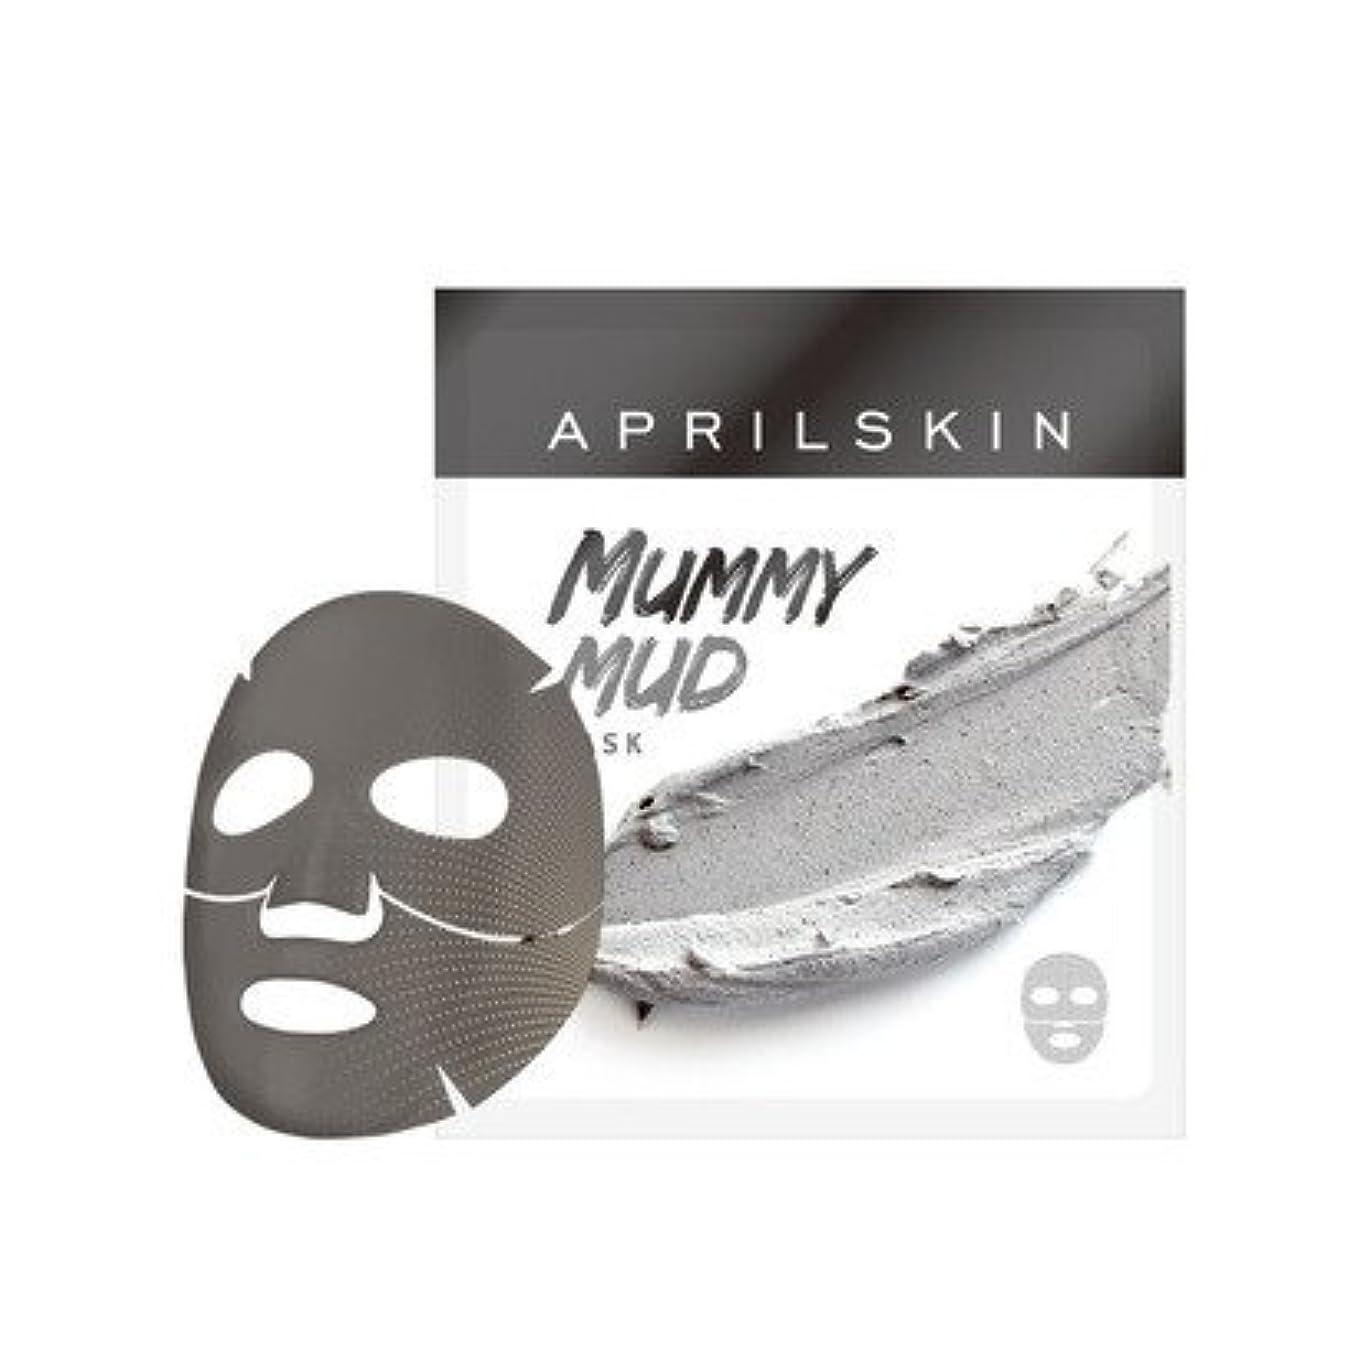 なぜ豆虫を数えるAPRILSKIN MUMMY MUD MASK/エイプリルスキン ミイラ泥マスク 1枚 [並行輸入品]